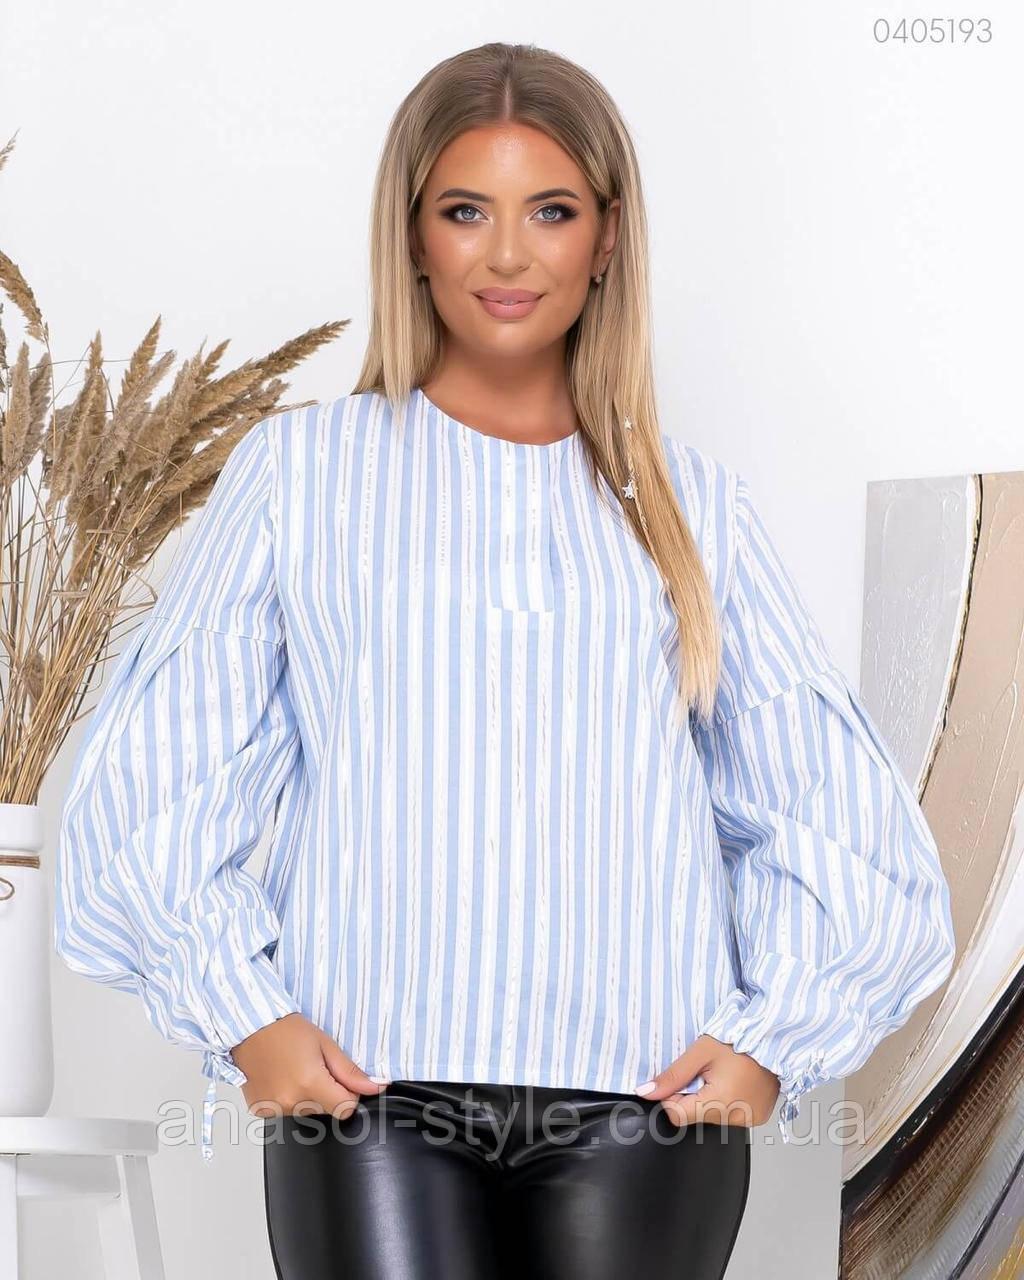 Эффектная офисная блузка Канкун котоновая больших размеров полоска  голубой